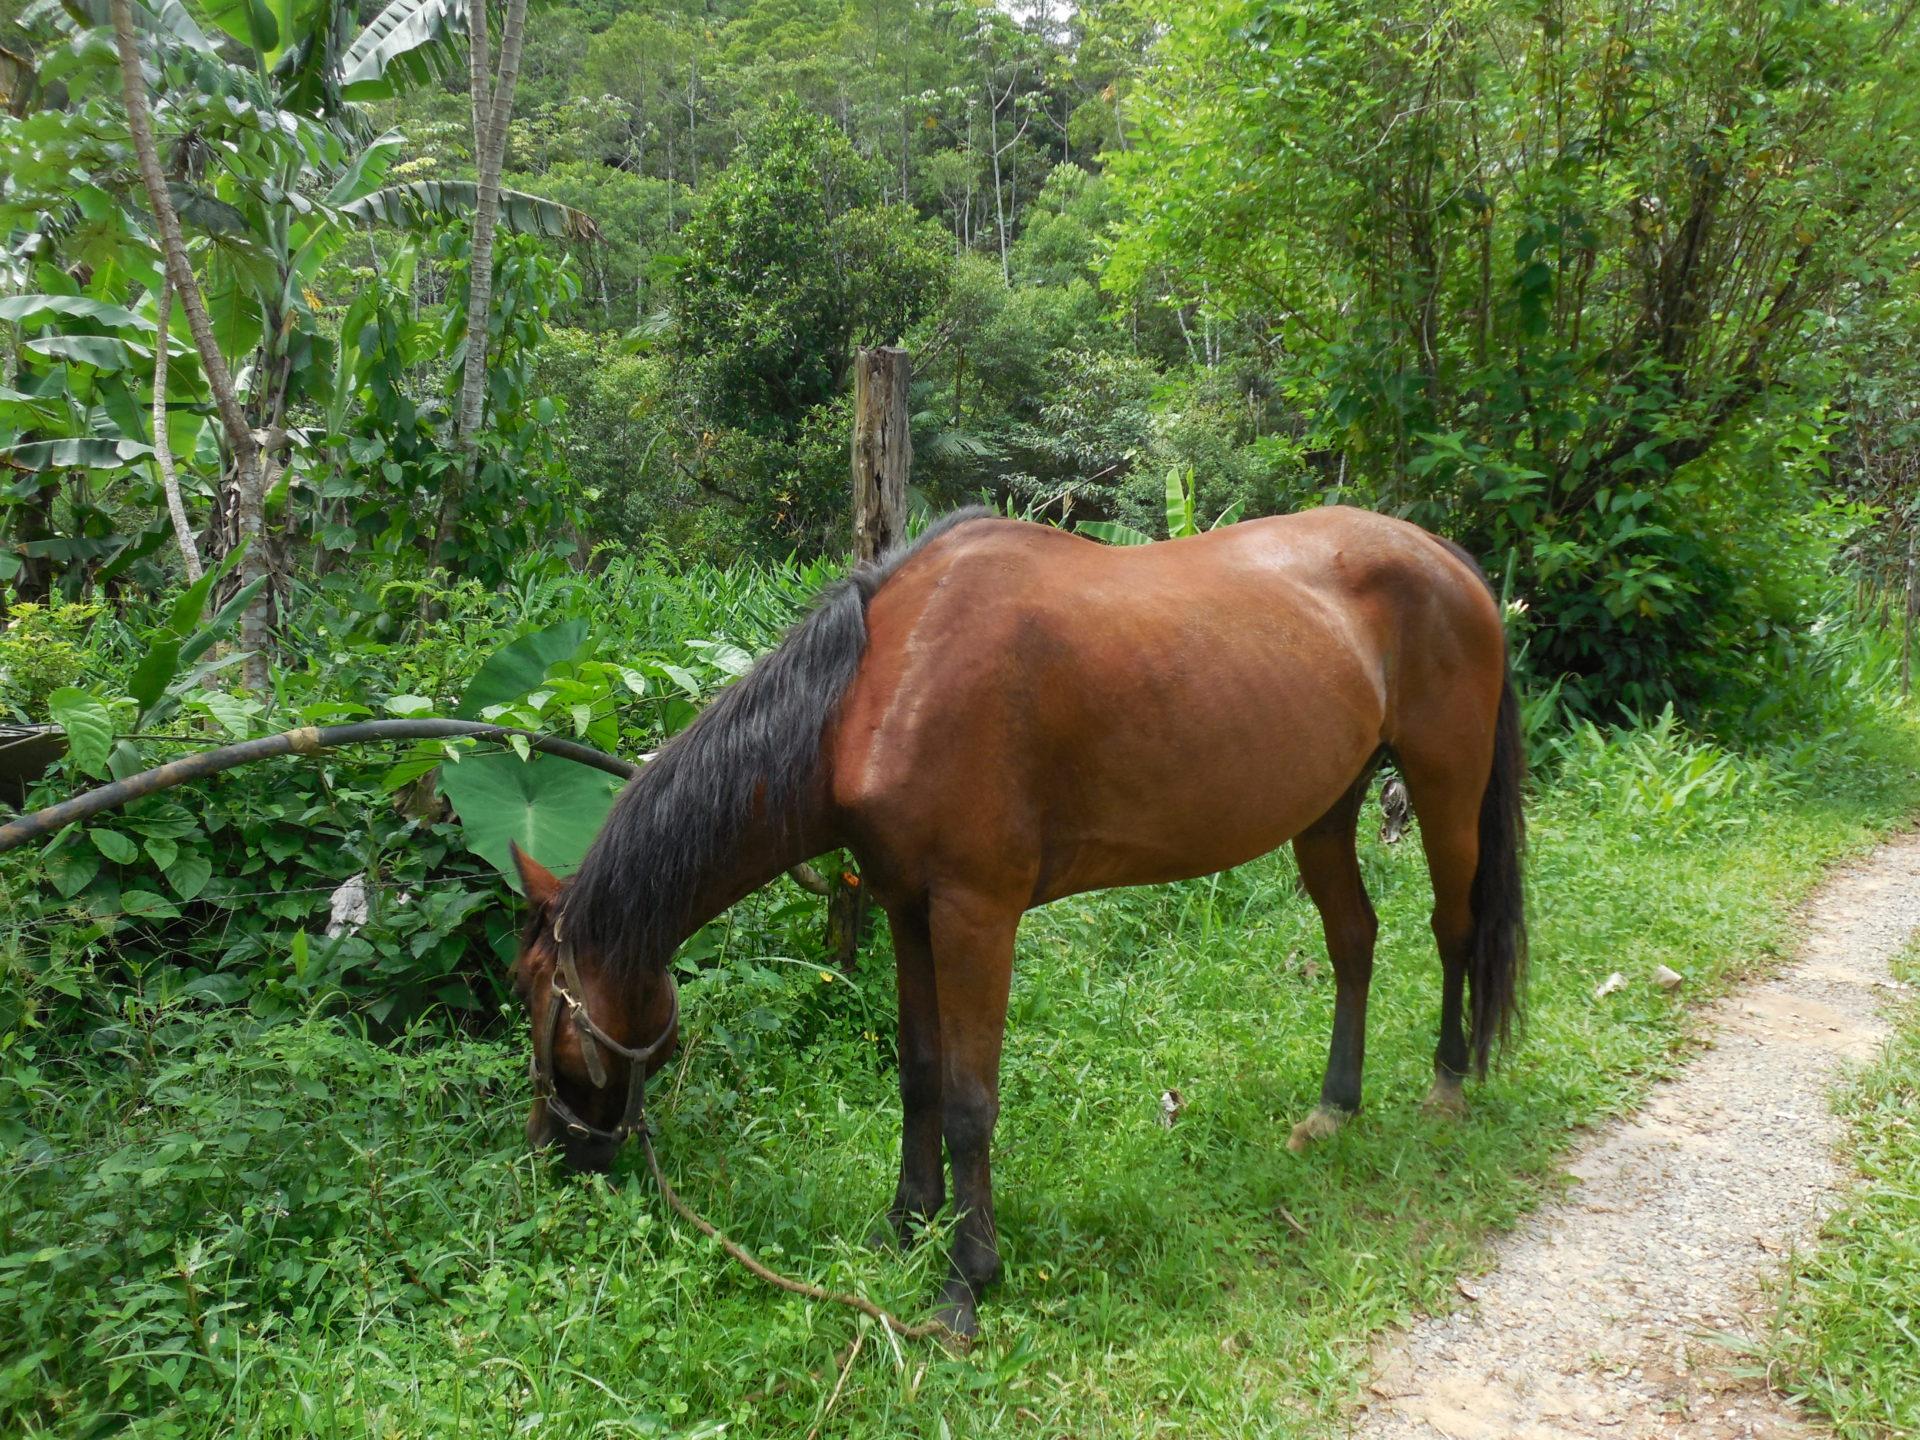 Horse grazing in a farm in Peruíbe, São Paulo, Brazil